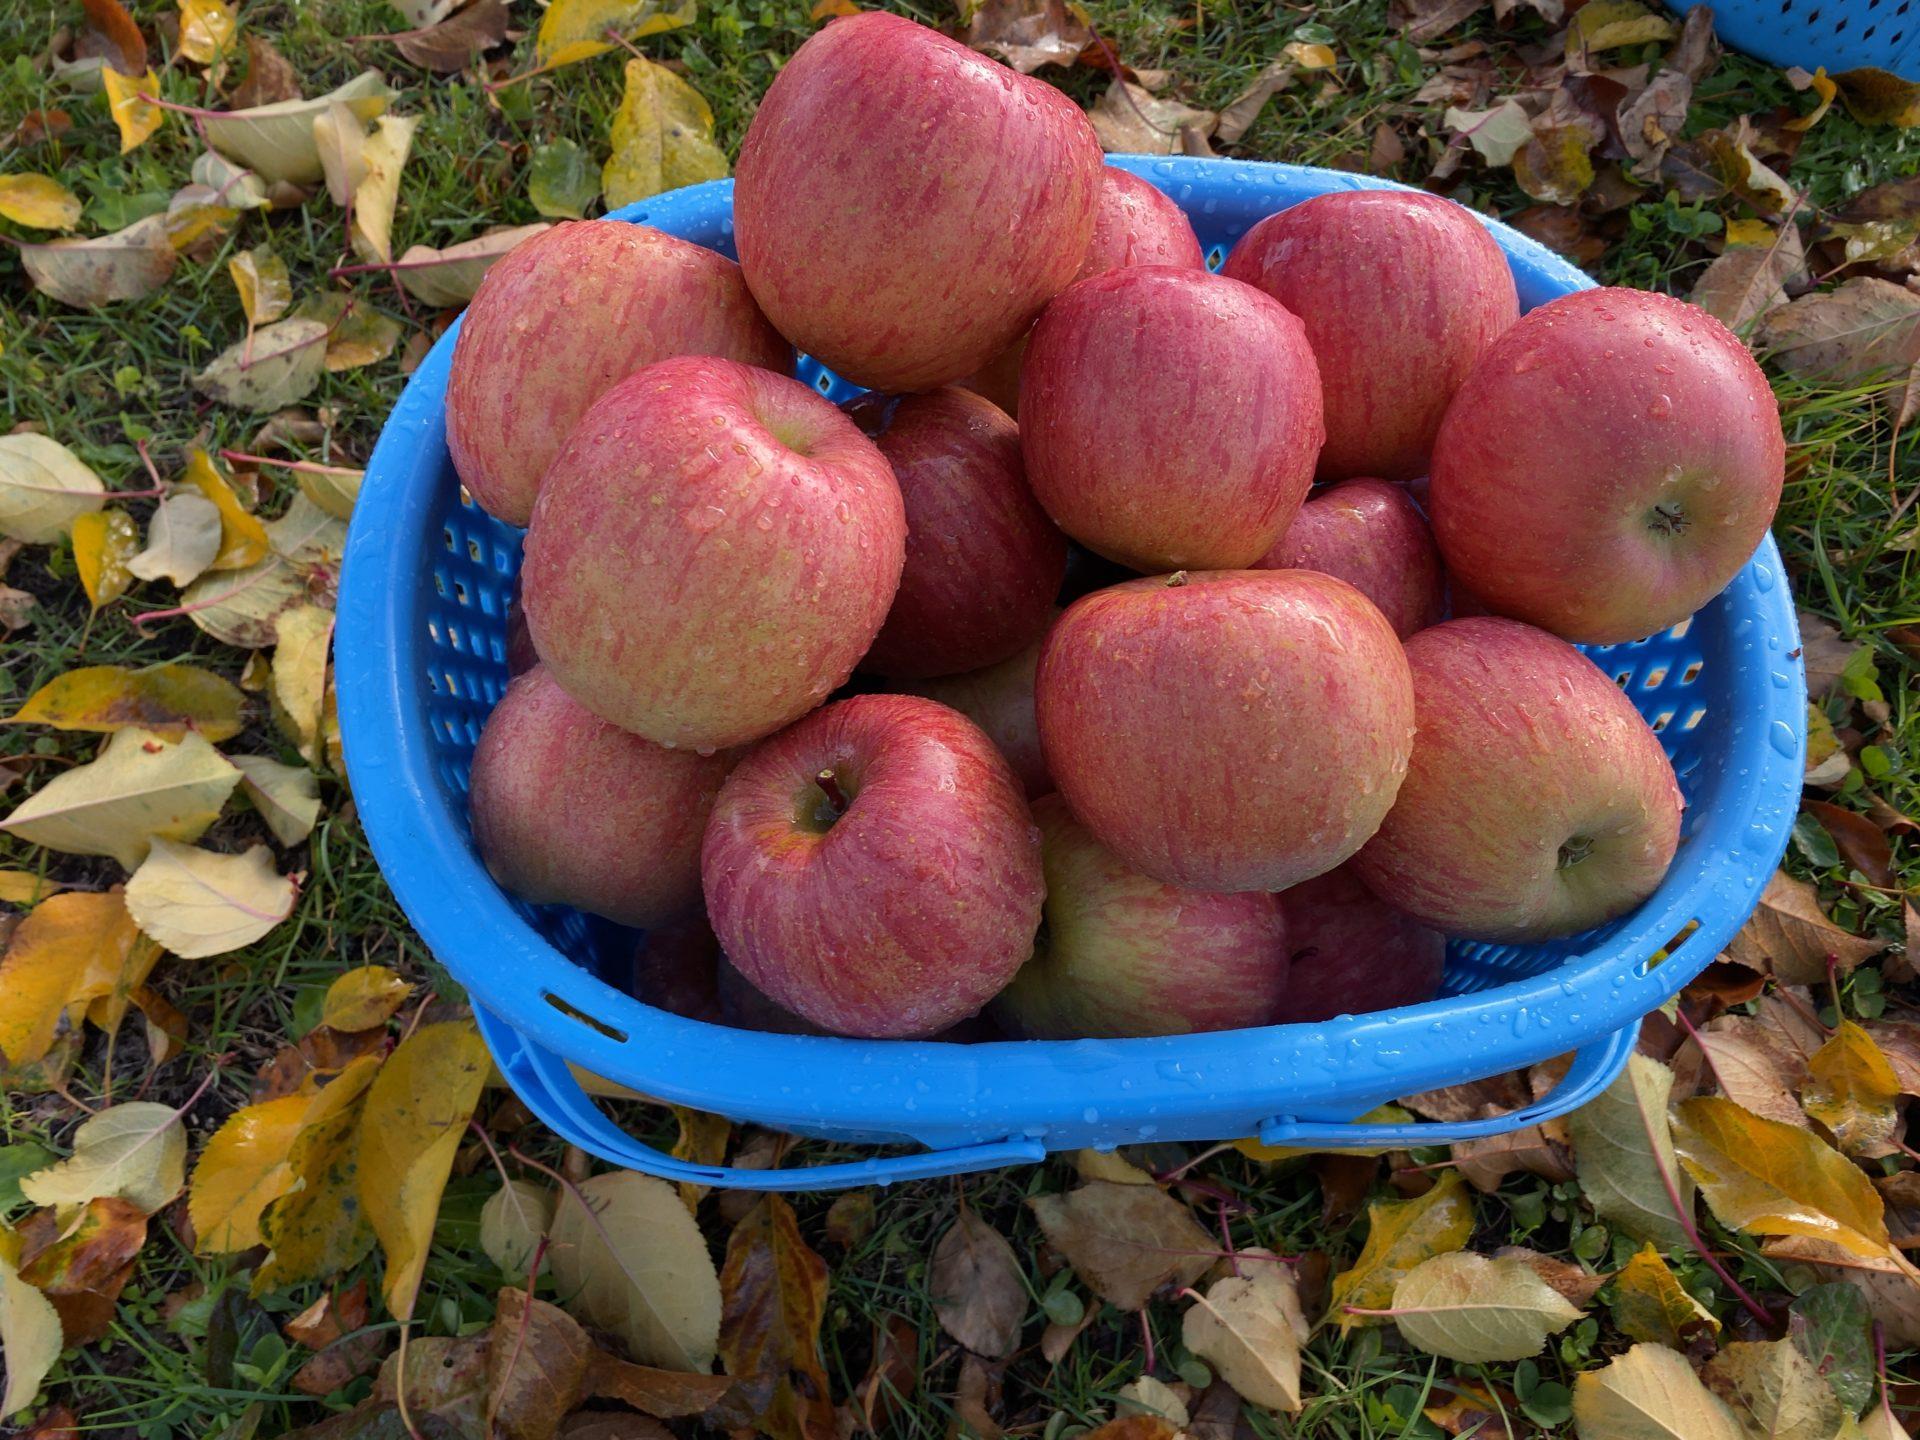 食道楽の岡山ランチ<番外編>リンゴ収穫の長野から今年最後の黒部ダムへ【SAとホテルのグルメから観光と収穫の旅】